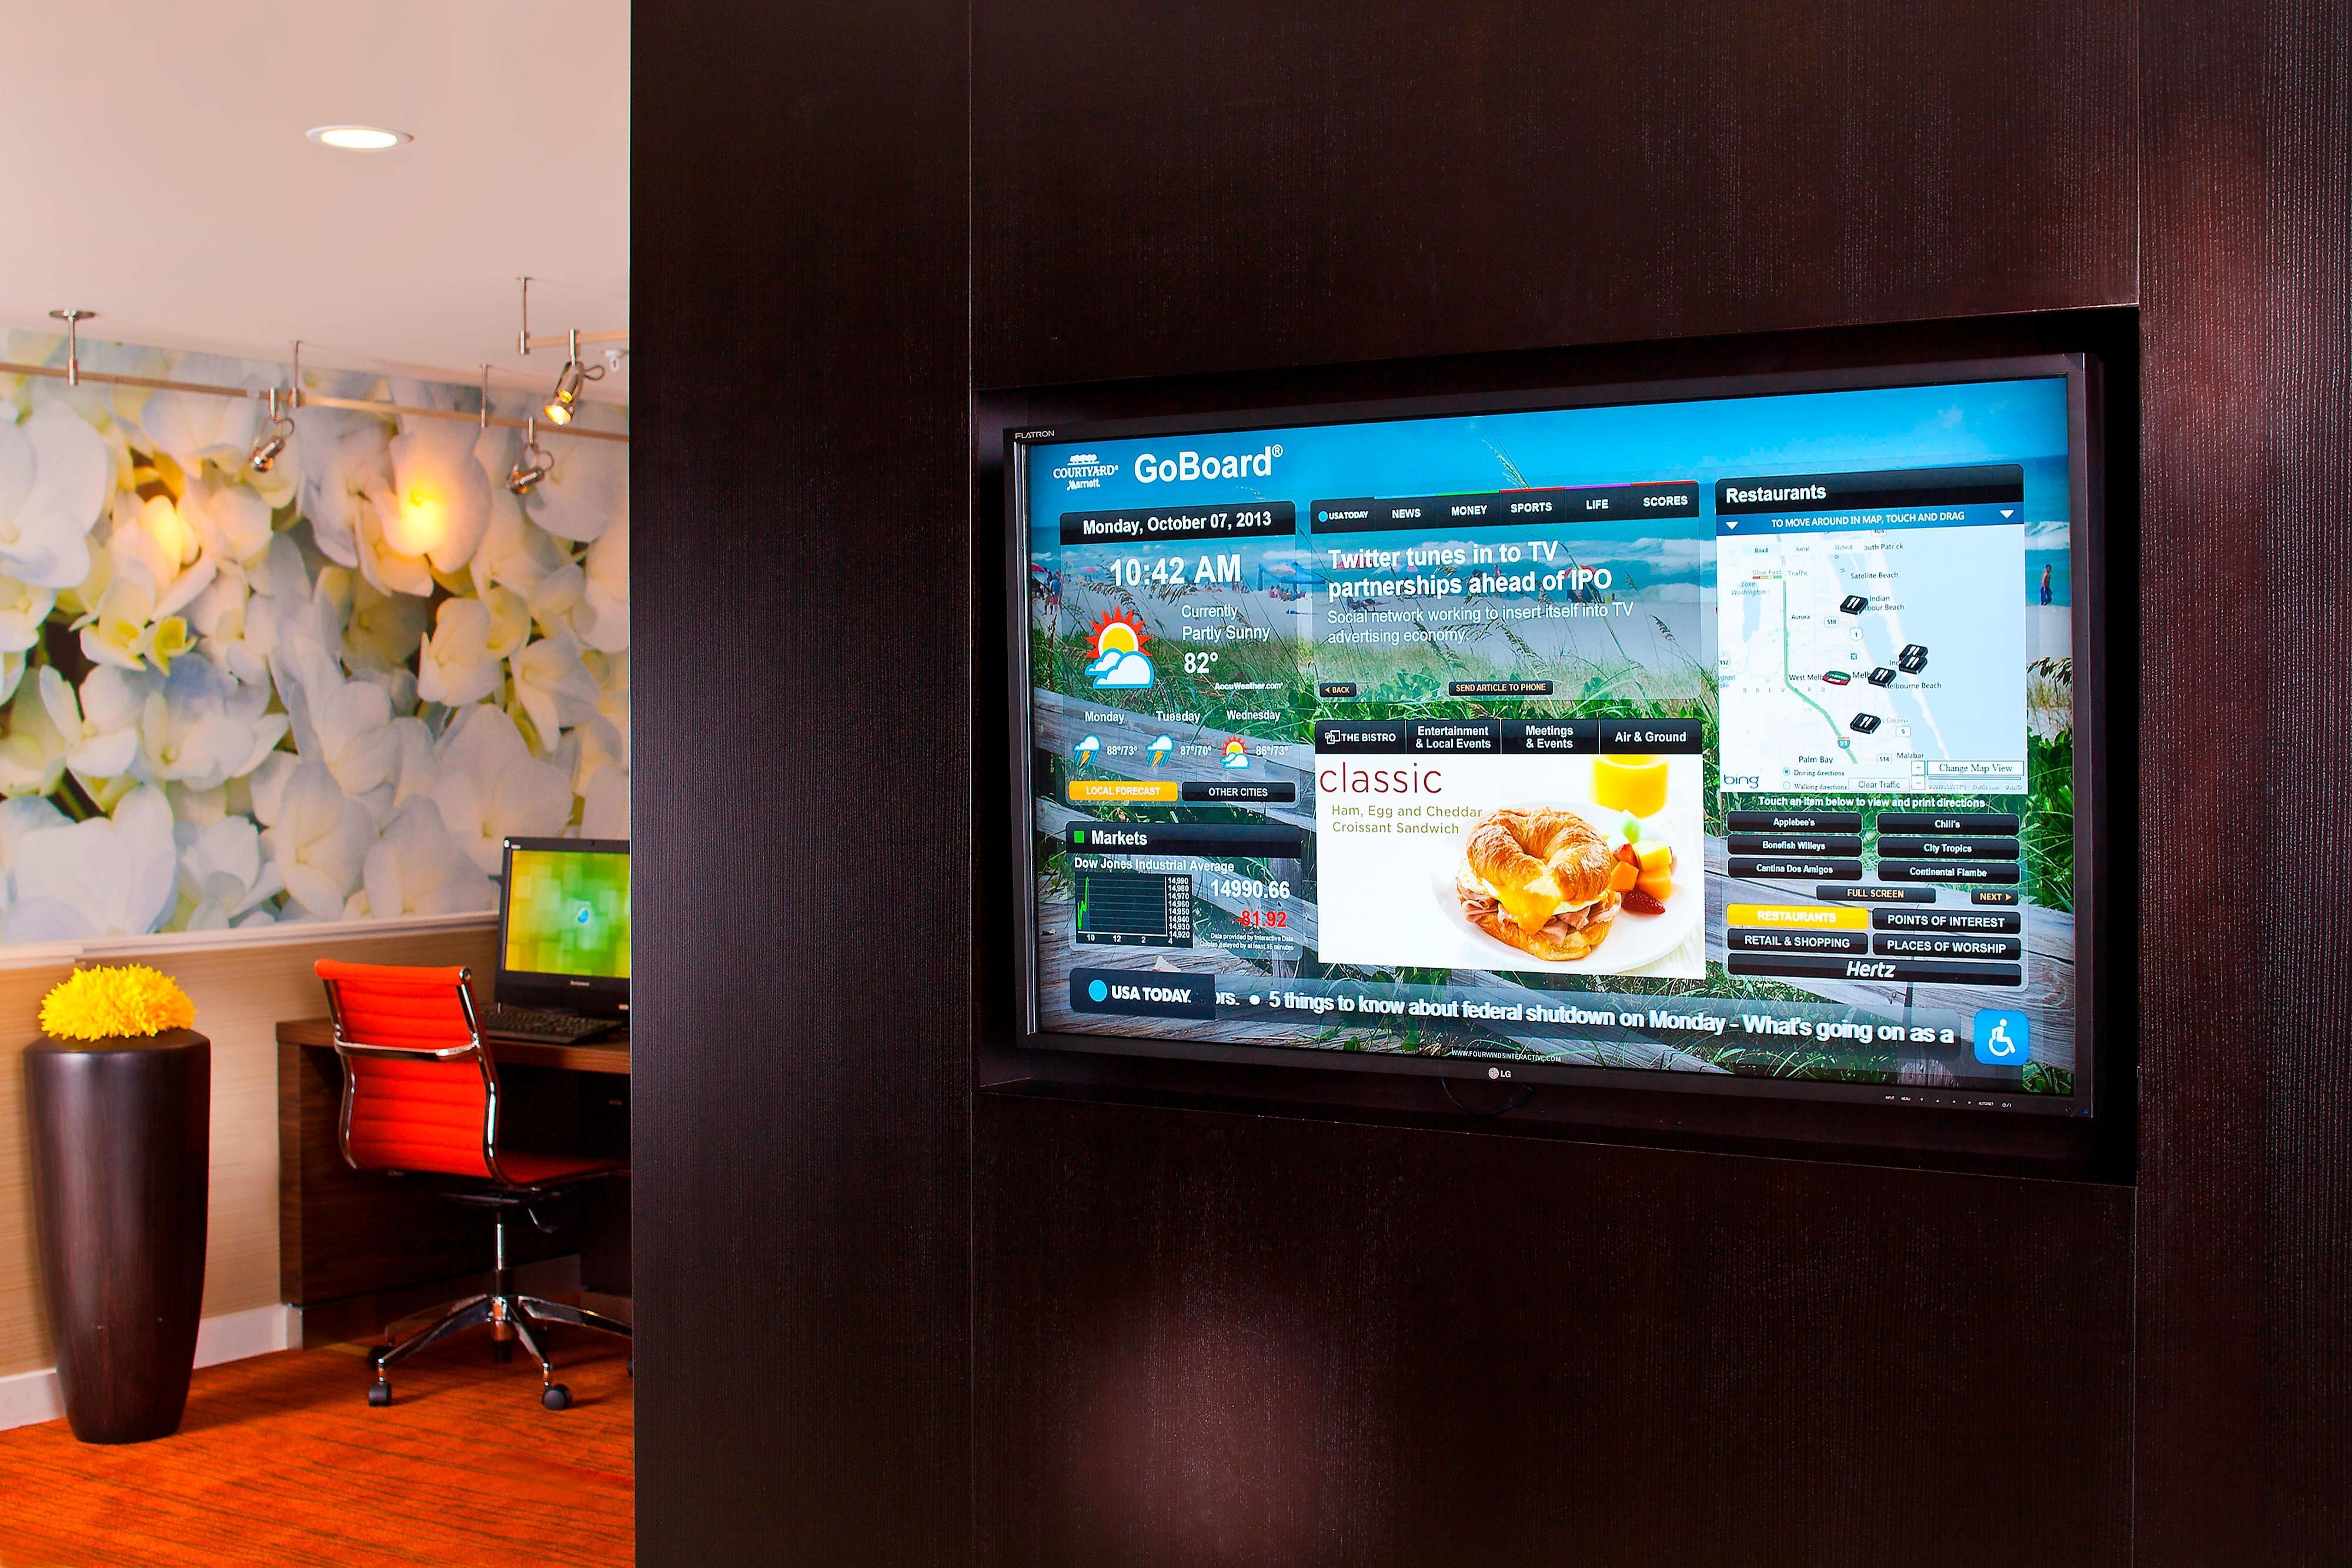 Melbourne Florida Hotels GoBoard®